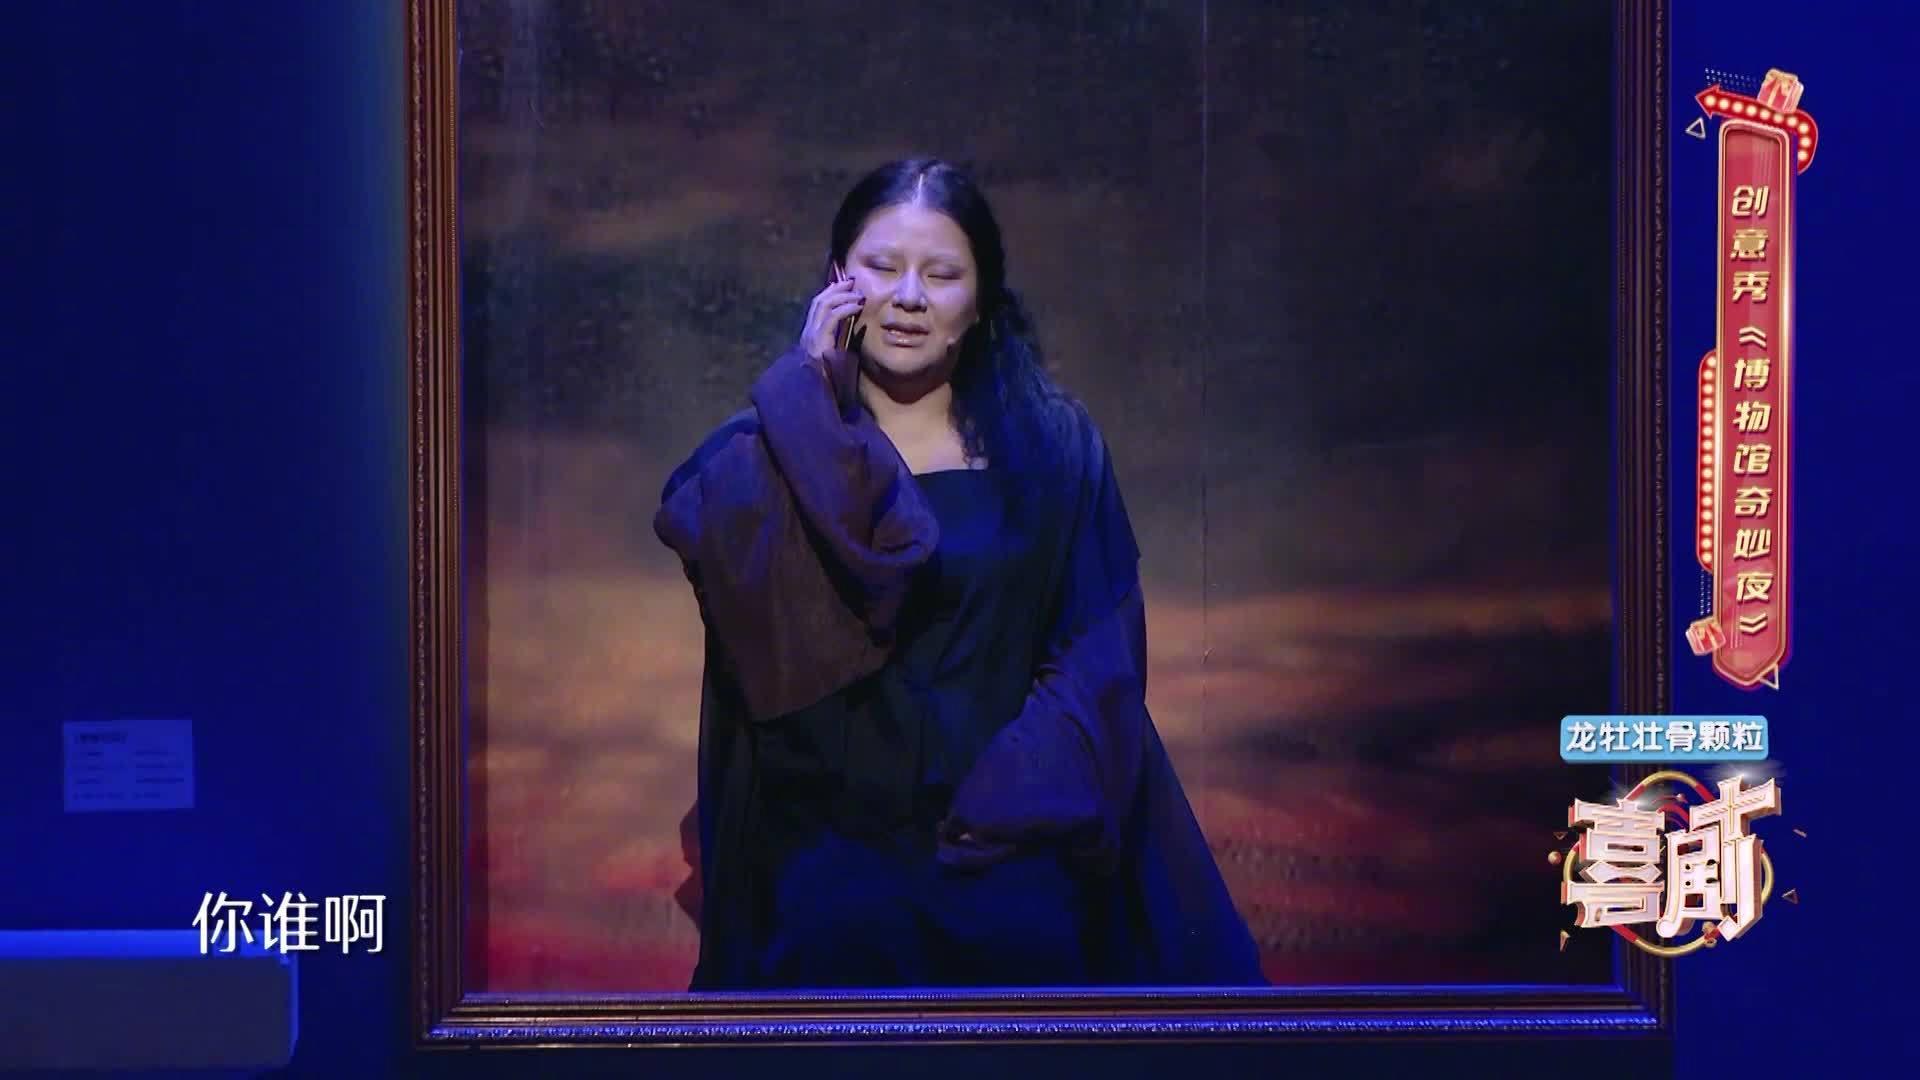 《喜剧+》上演《博物馆奇妙夜》,蒙娜丽莎致电作者达芬奇:你知道什么是孤单吗?